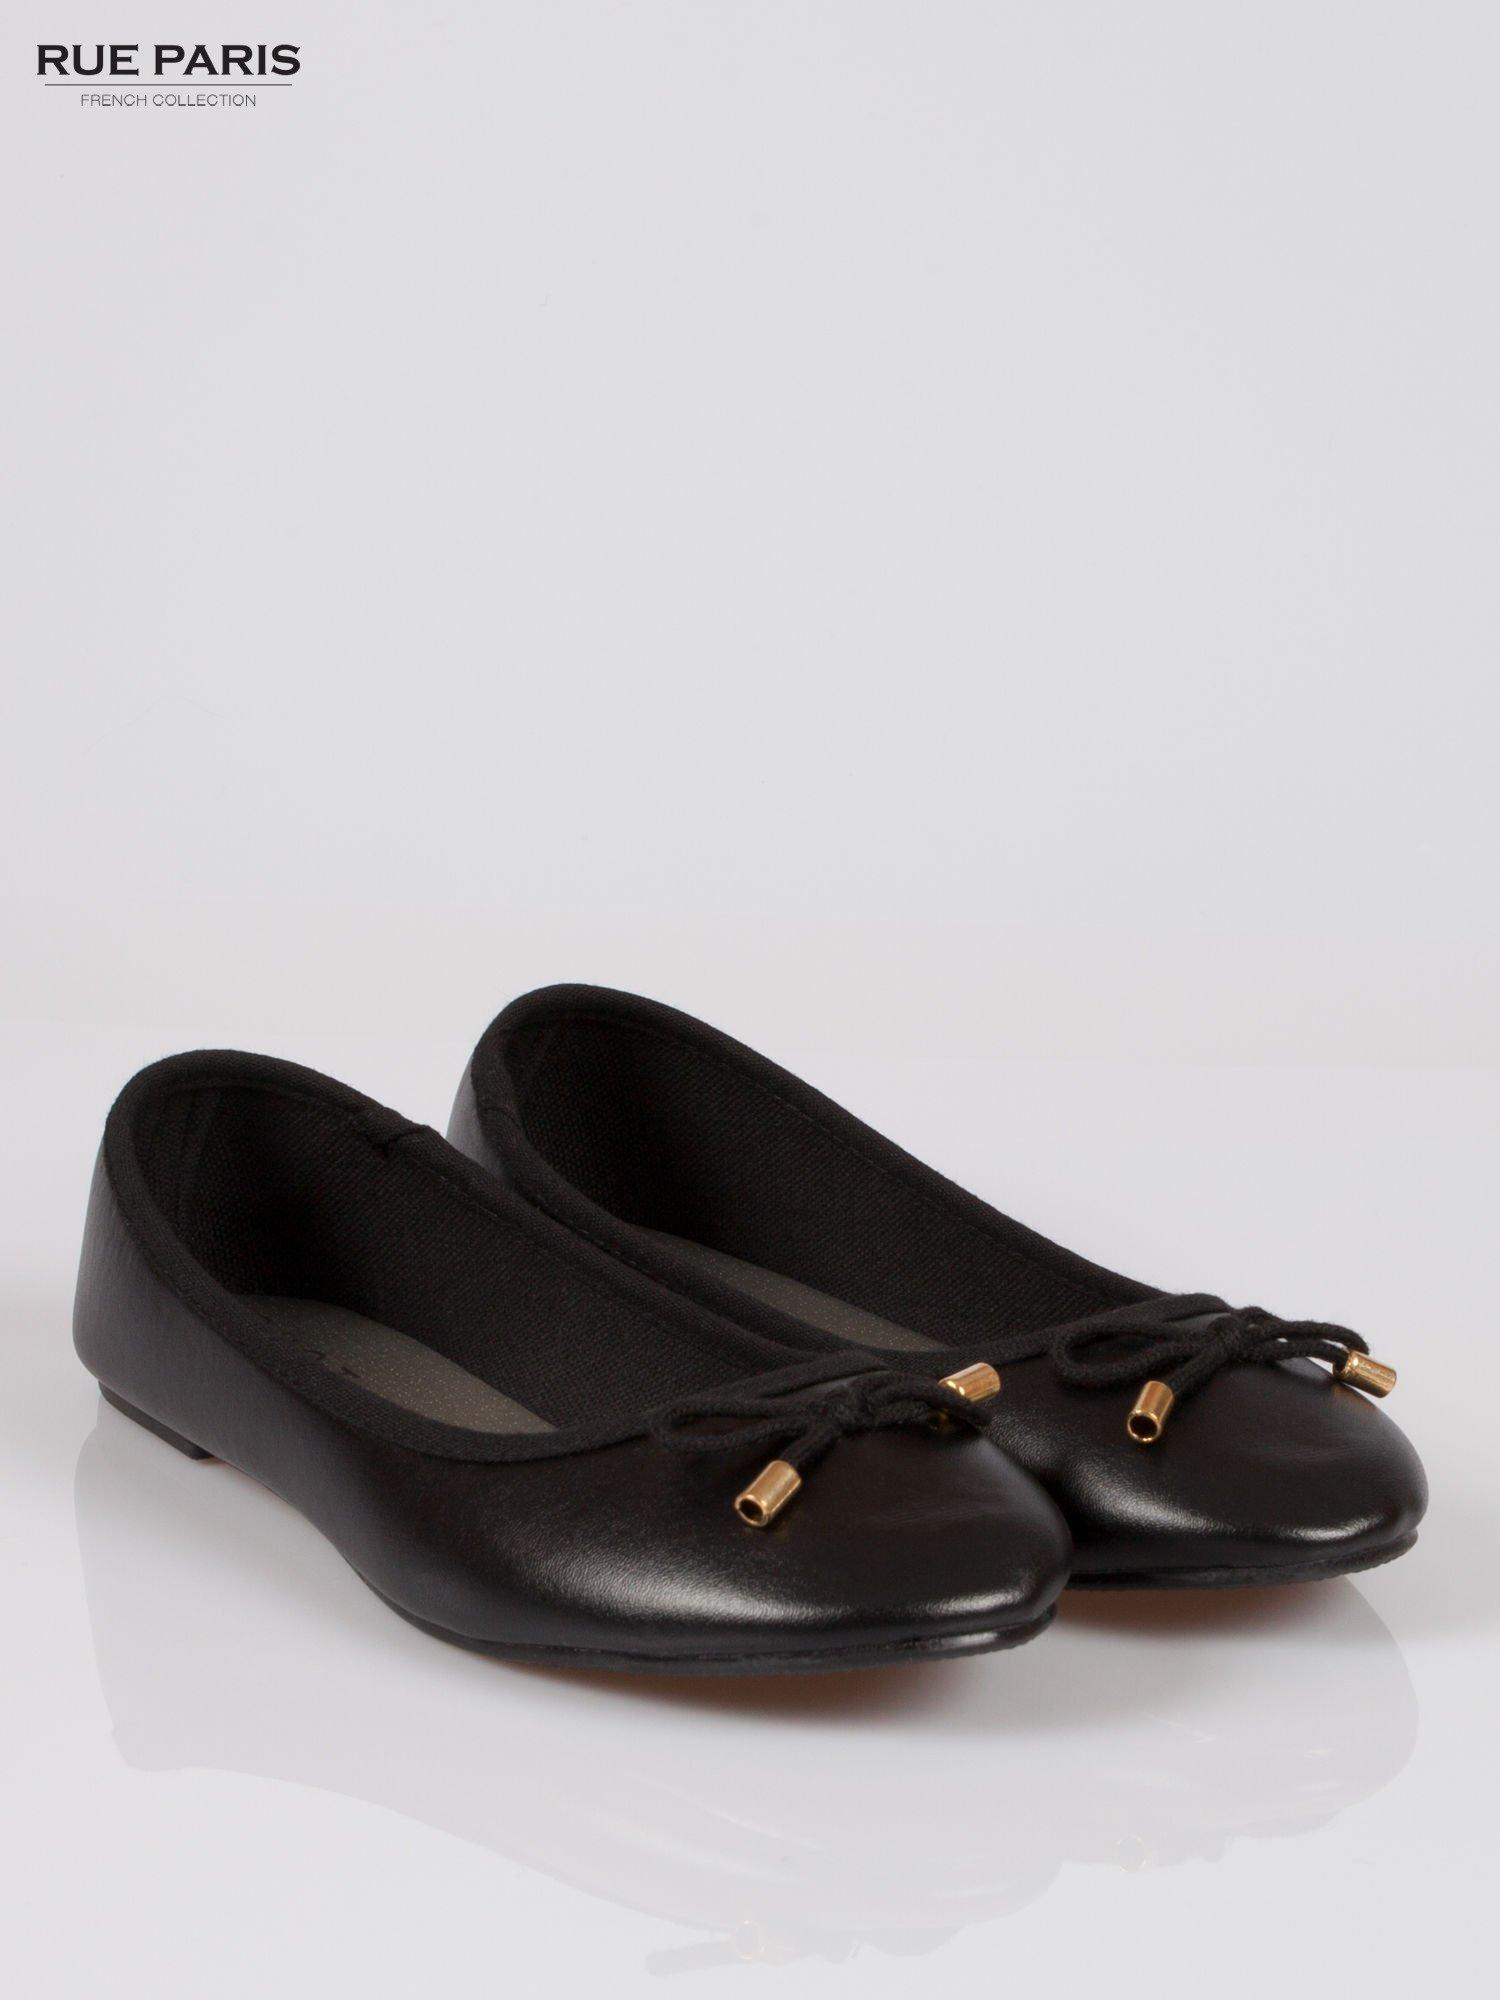 Czarne klasyczne baletki  kokardką ze złotymi troczkami                                  zdj.                                  2